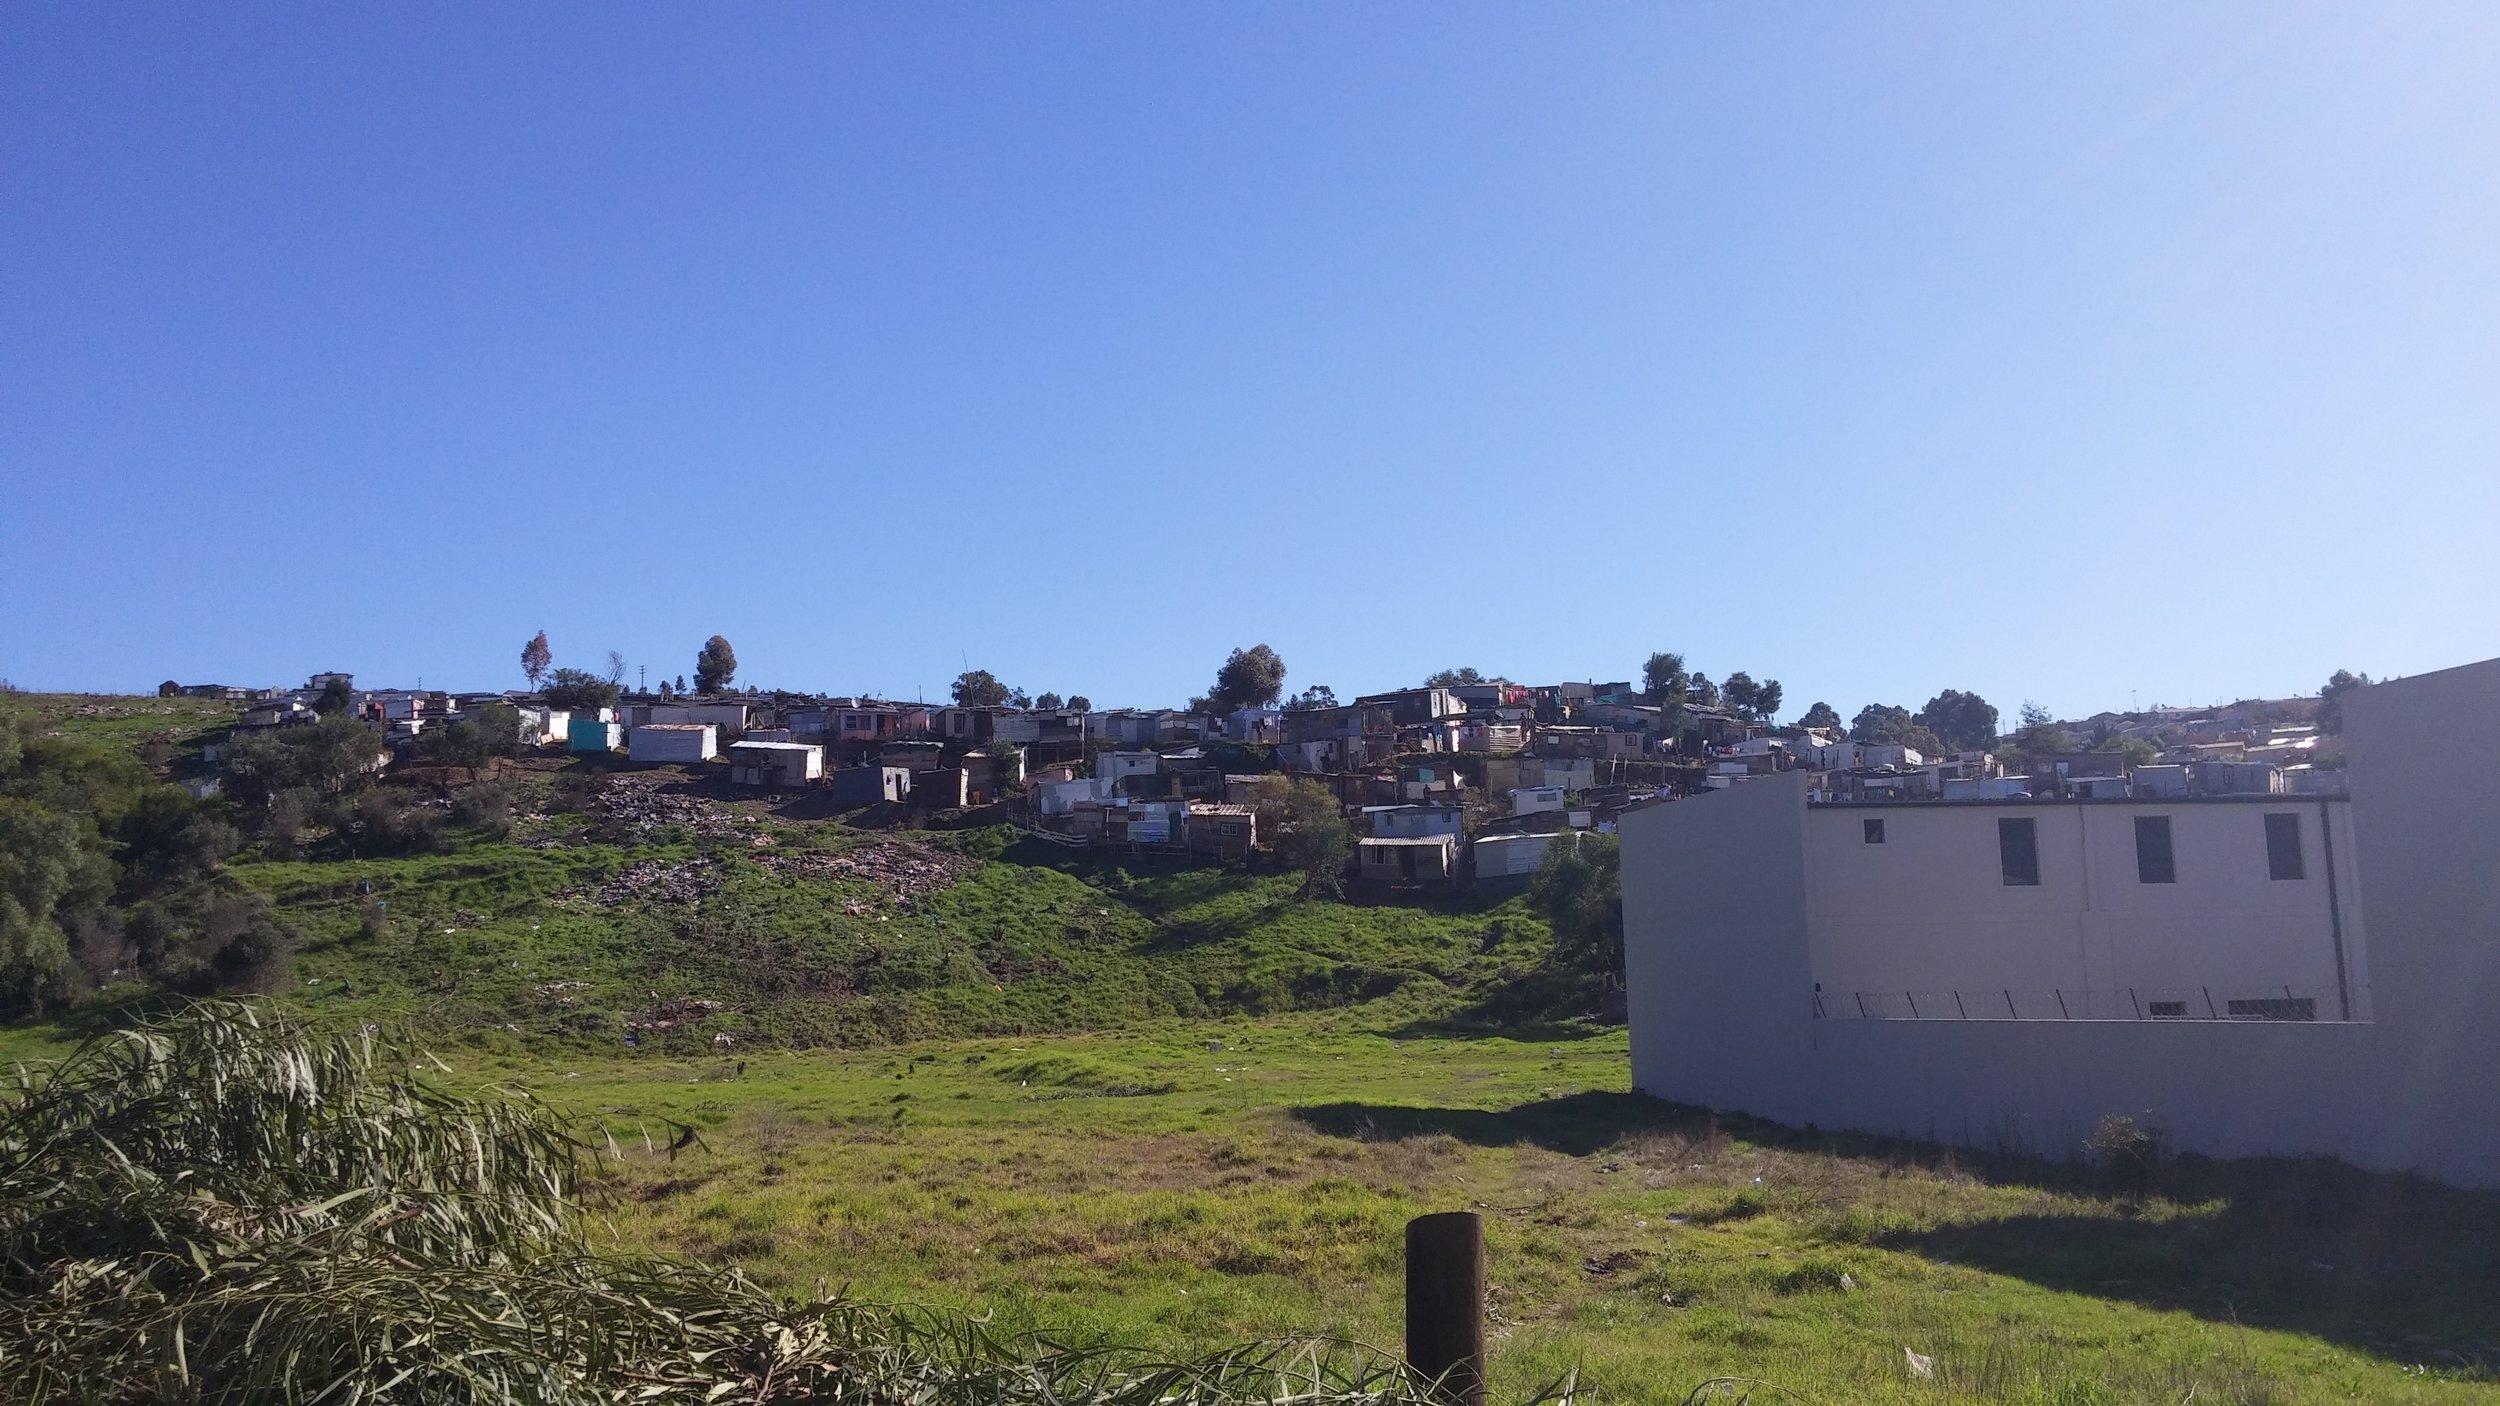 View of Enkanini